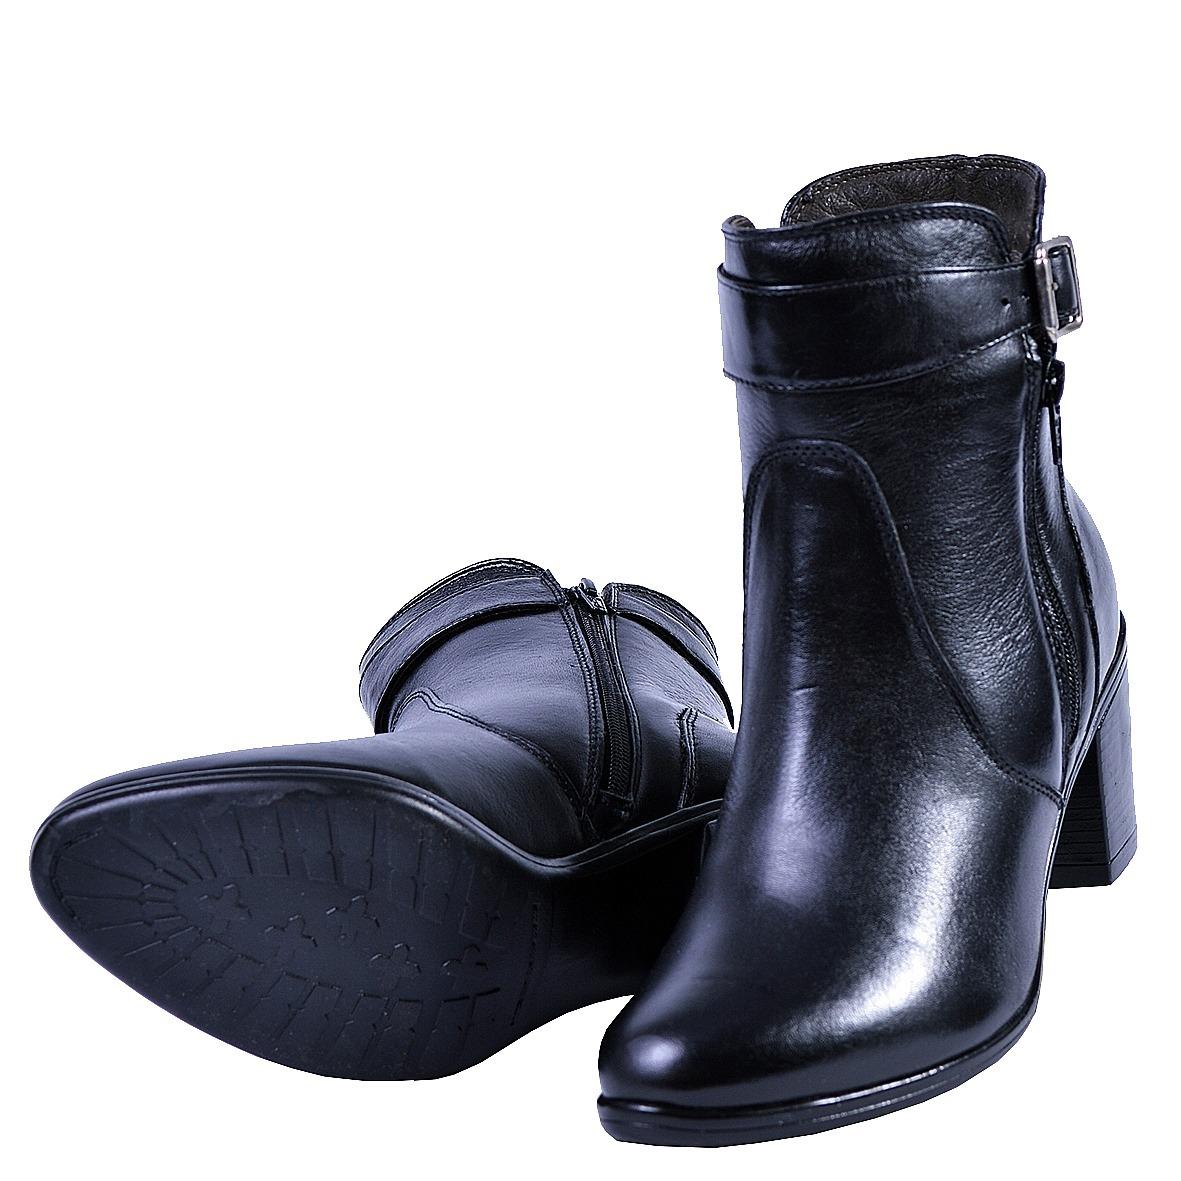 6a095cb6b coturno baixo feminino bota couro preto e marrom 243. Carregando zoom.